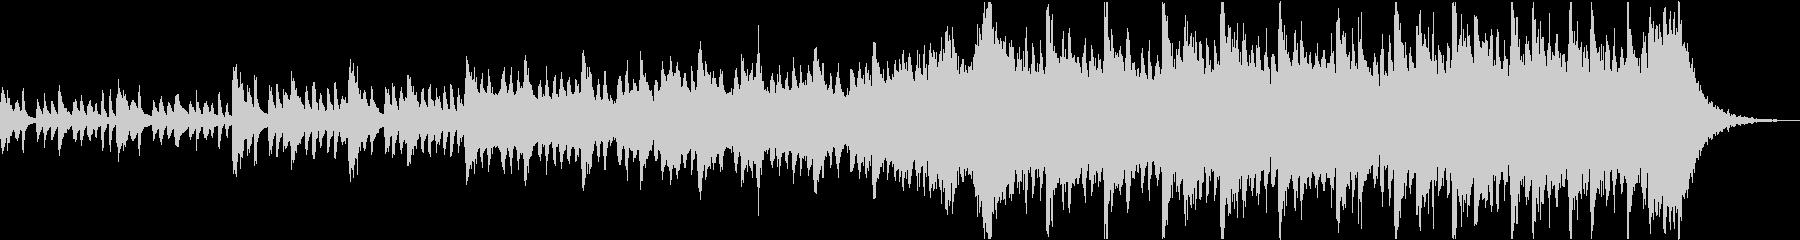 感動壮大ポジティブオーケストラエピックaの未再生の波形